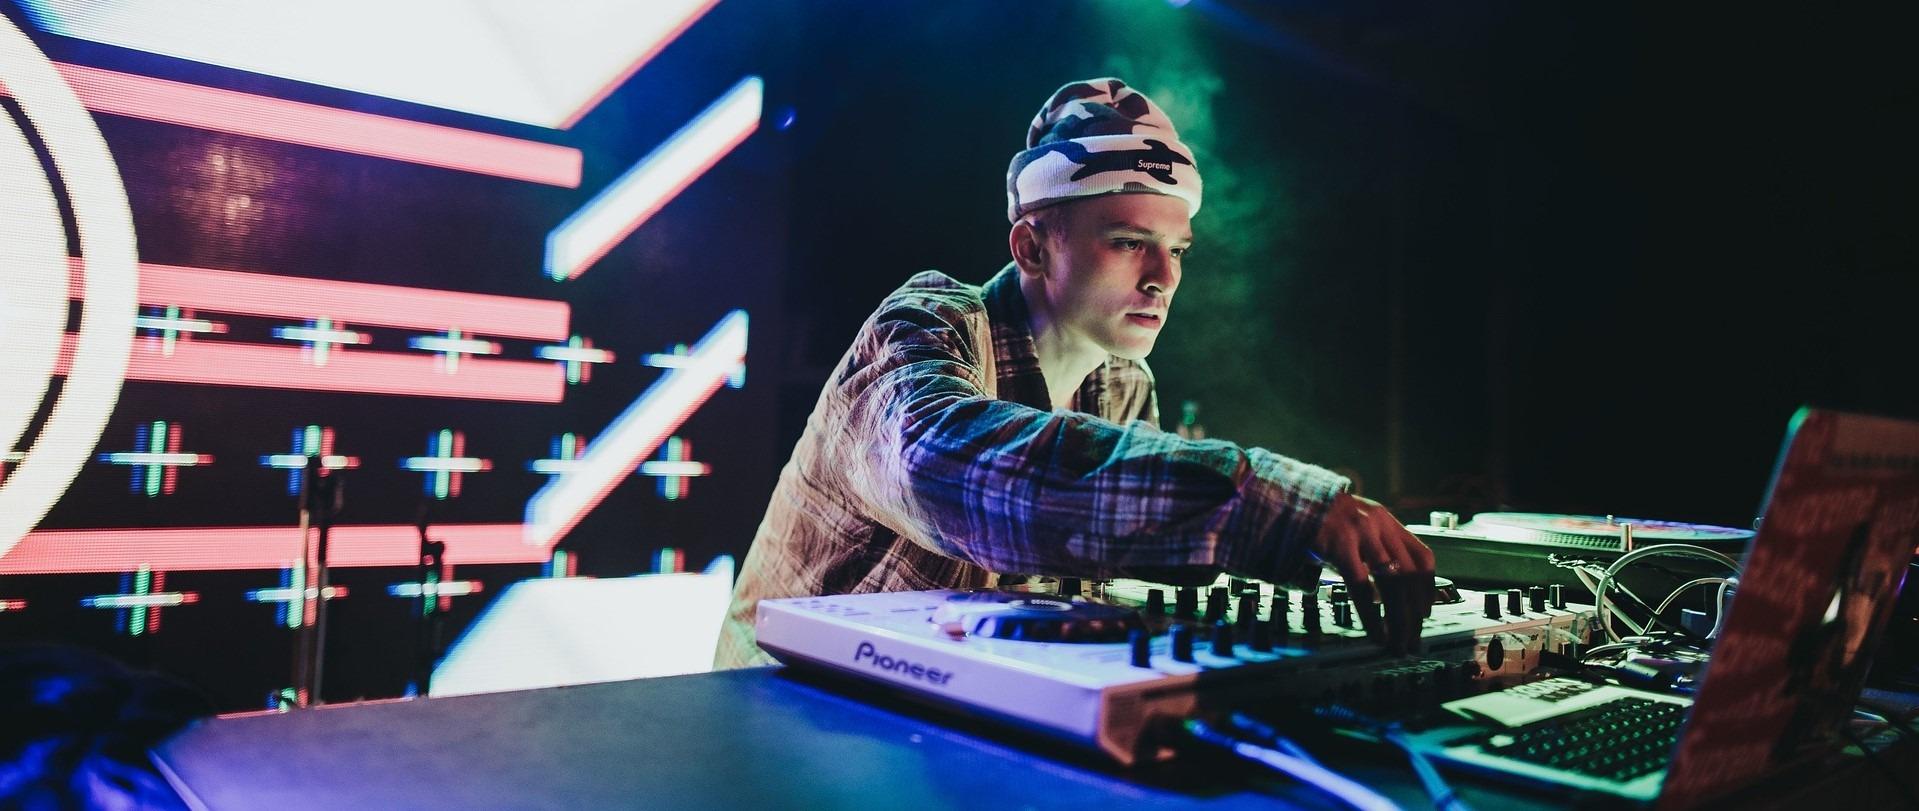 Auch DJ's sind Künstler, die in Deutschland in der Künstlersozialkasse zu versichern sind.